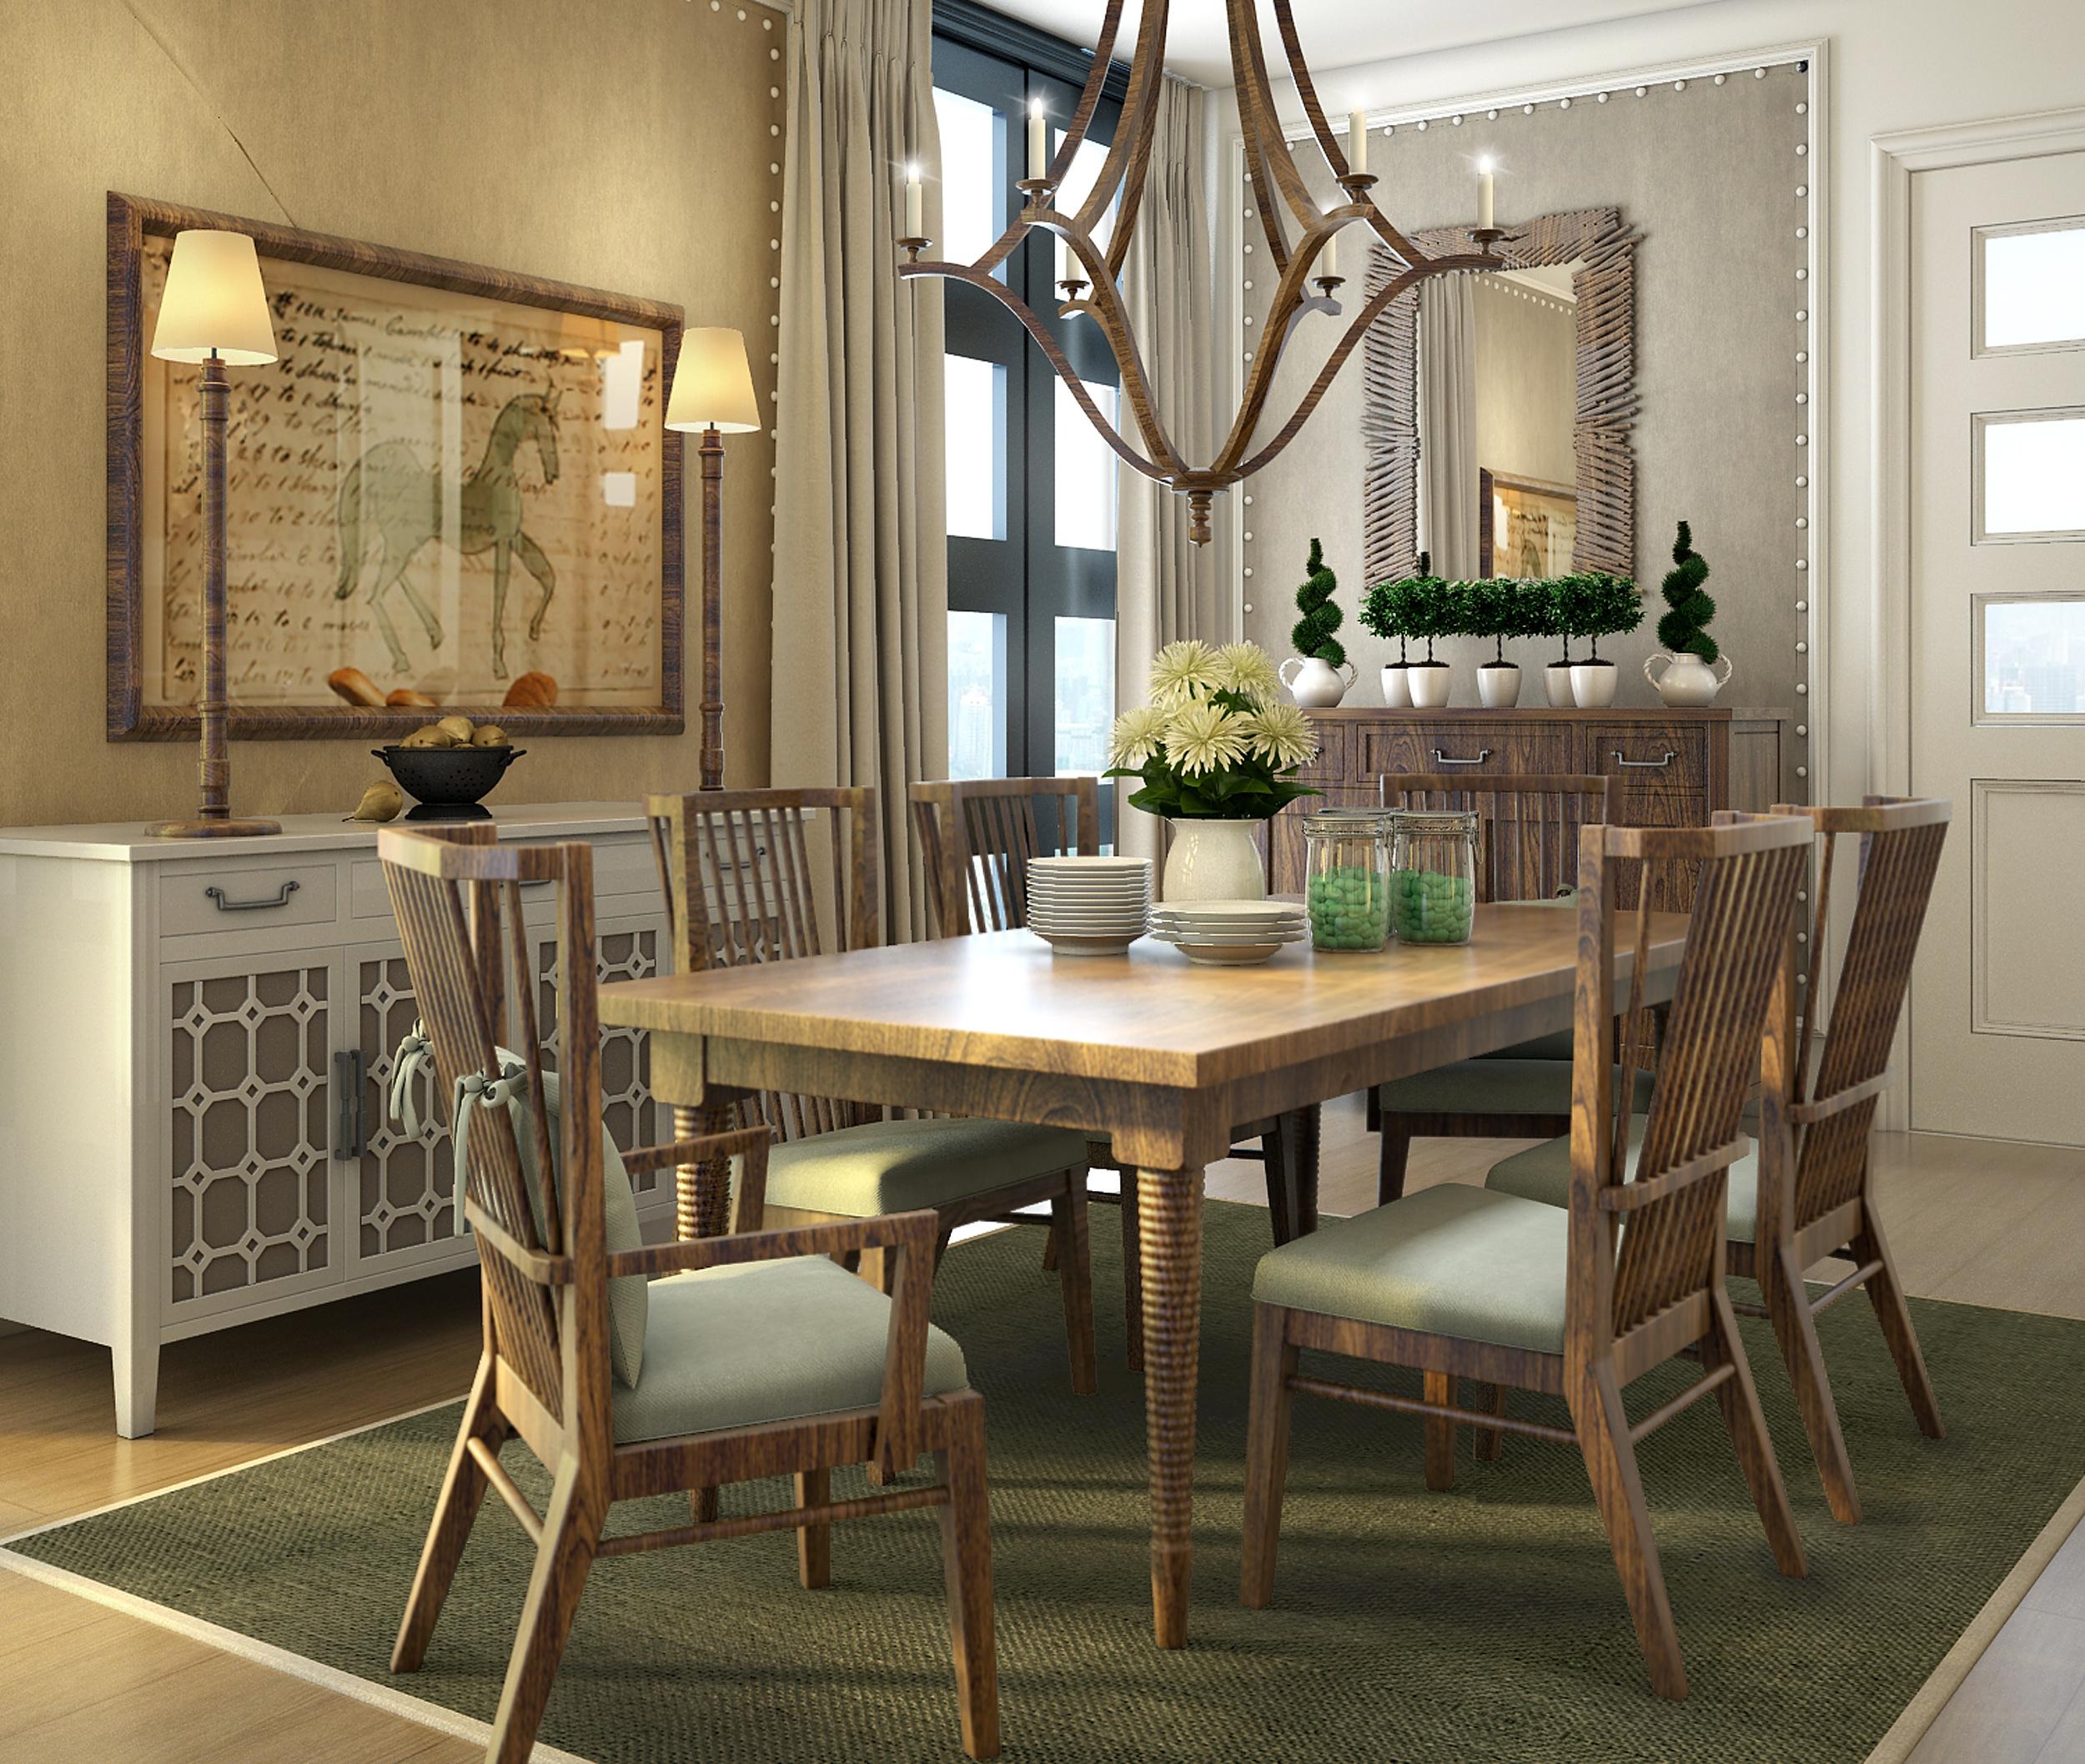 超小客厅放餐桌图片-餐桌装修效果图_冰箱装修效果图_客厅餐桌椅_餐桌